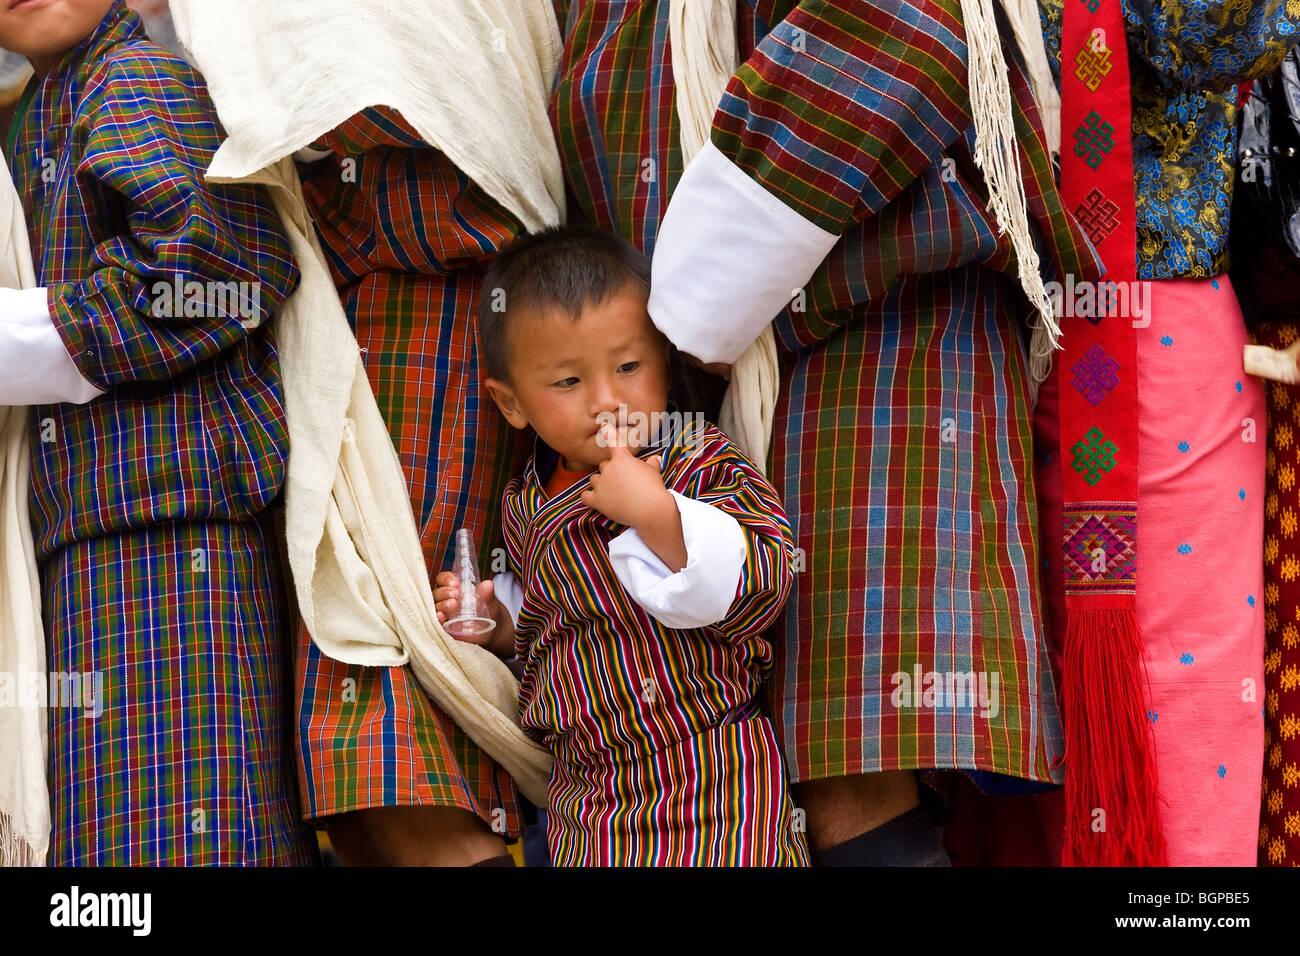 Les gens faisant la queue pour être bénis, Festival, Trashichhoe Dzong (monastère), Thimpu, Bhoutan Photo Stock